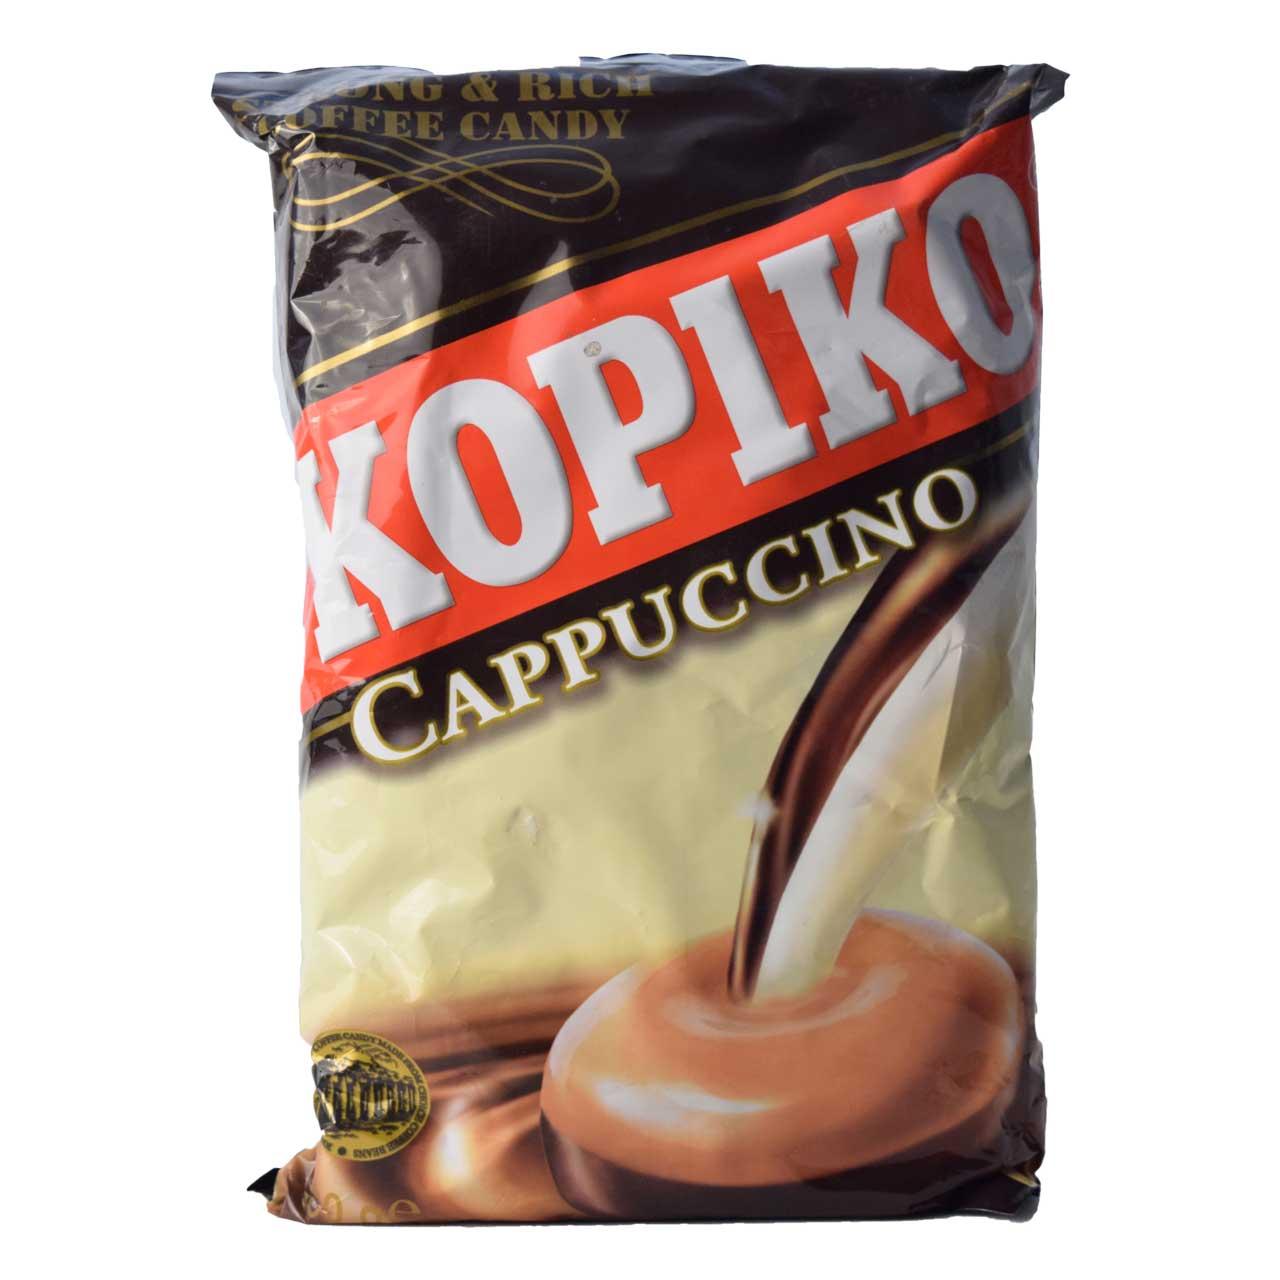 آبنبات کاپوچینو ۸۰۰ گرمی کوپیکو – kopiko